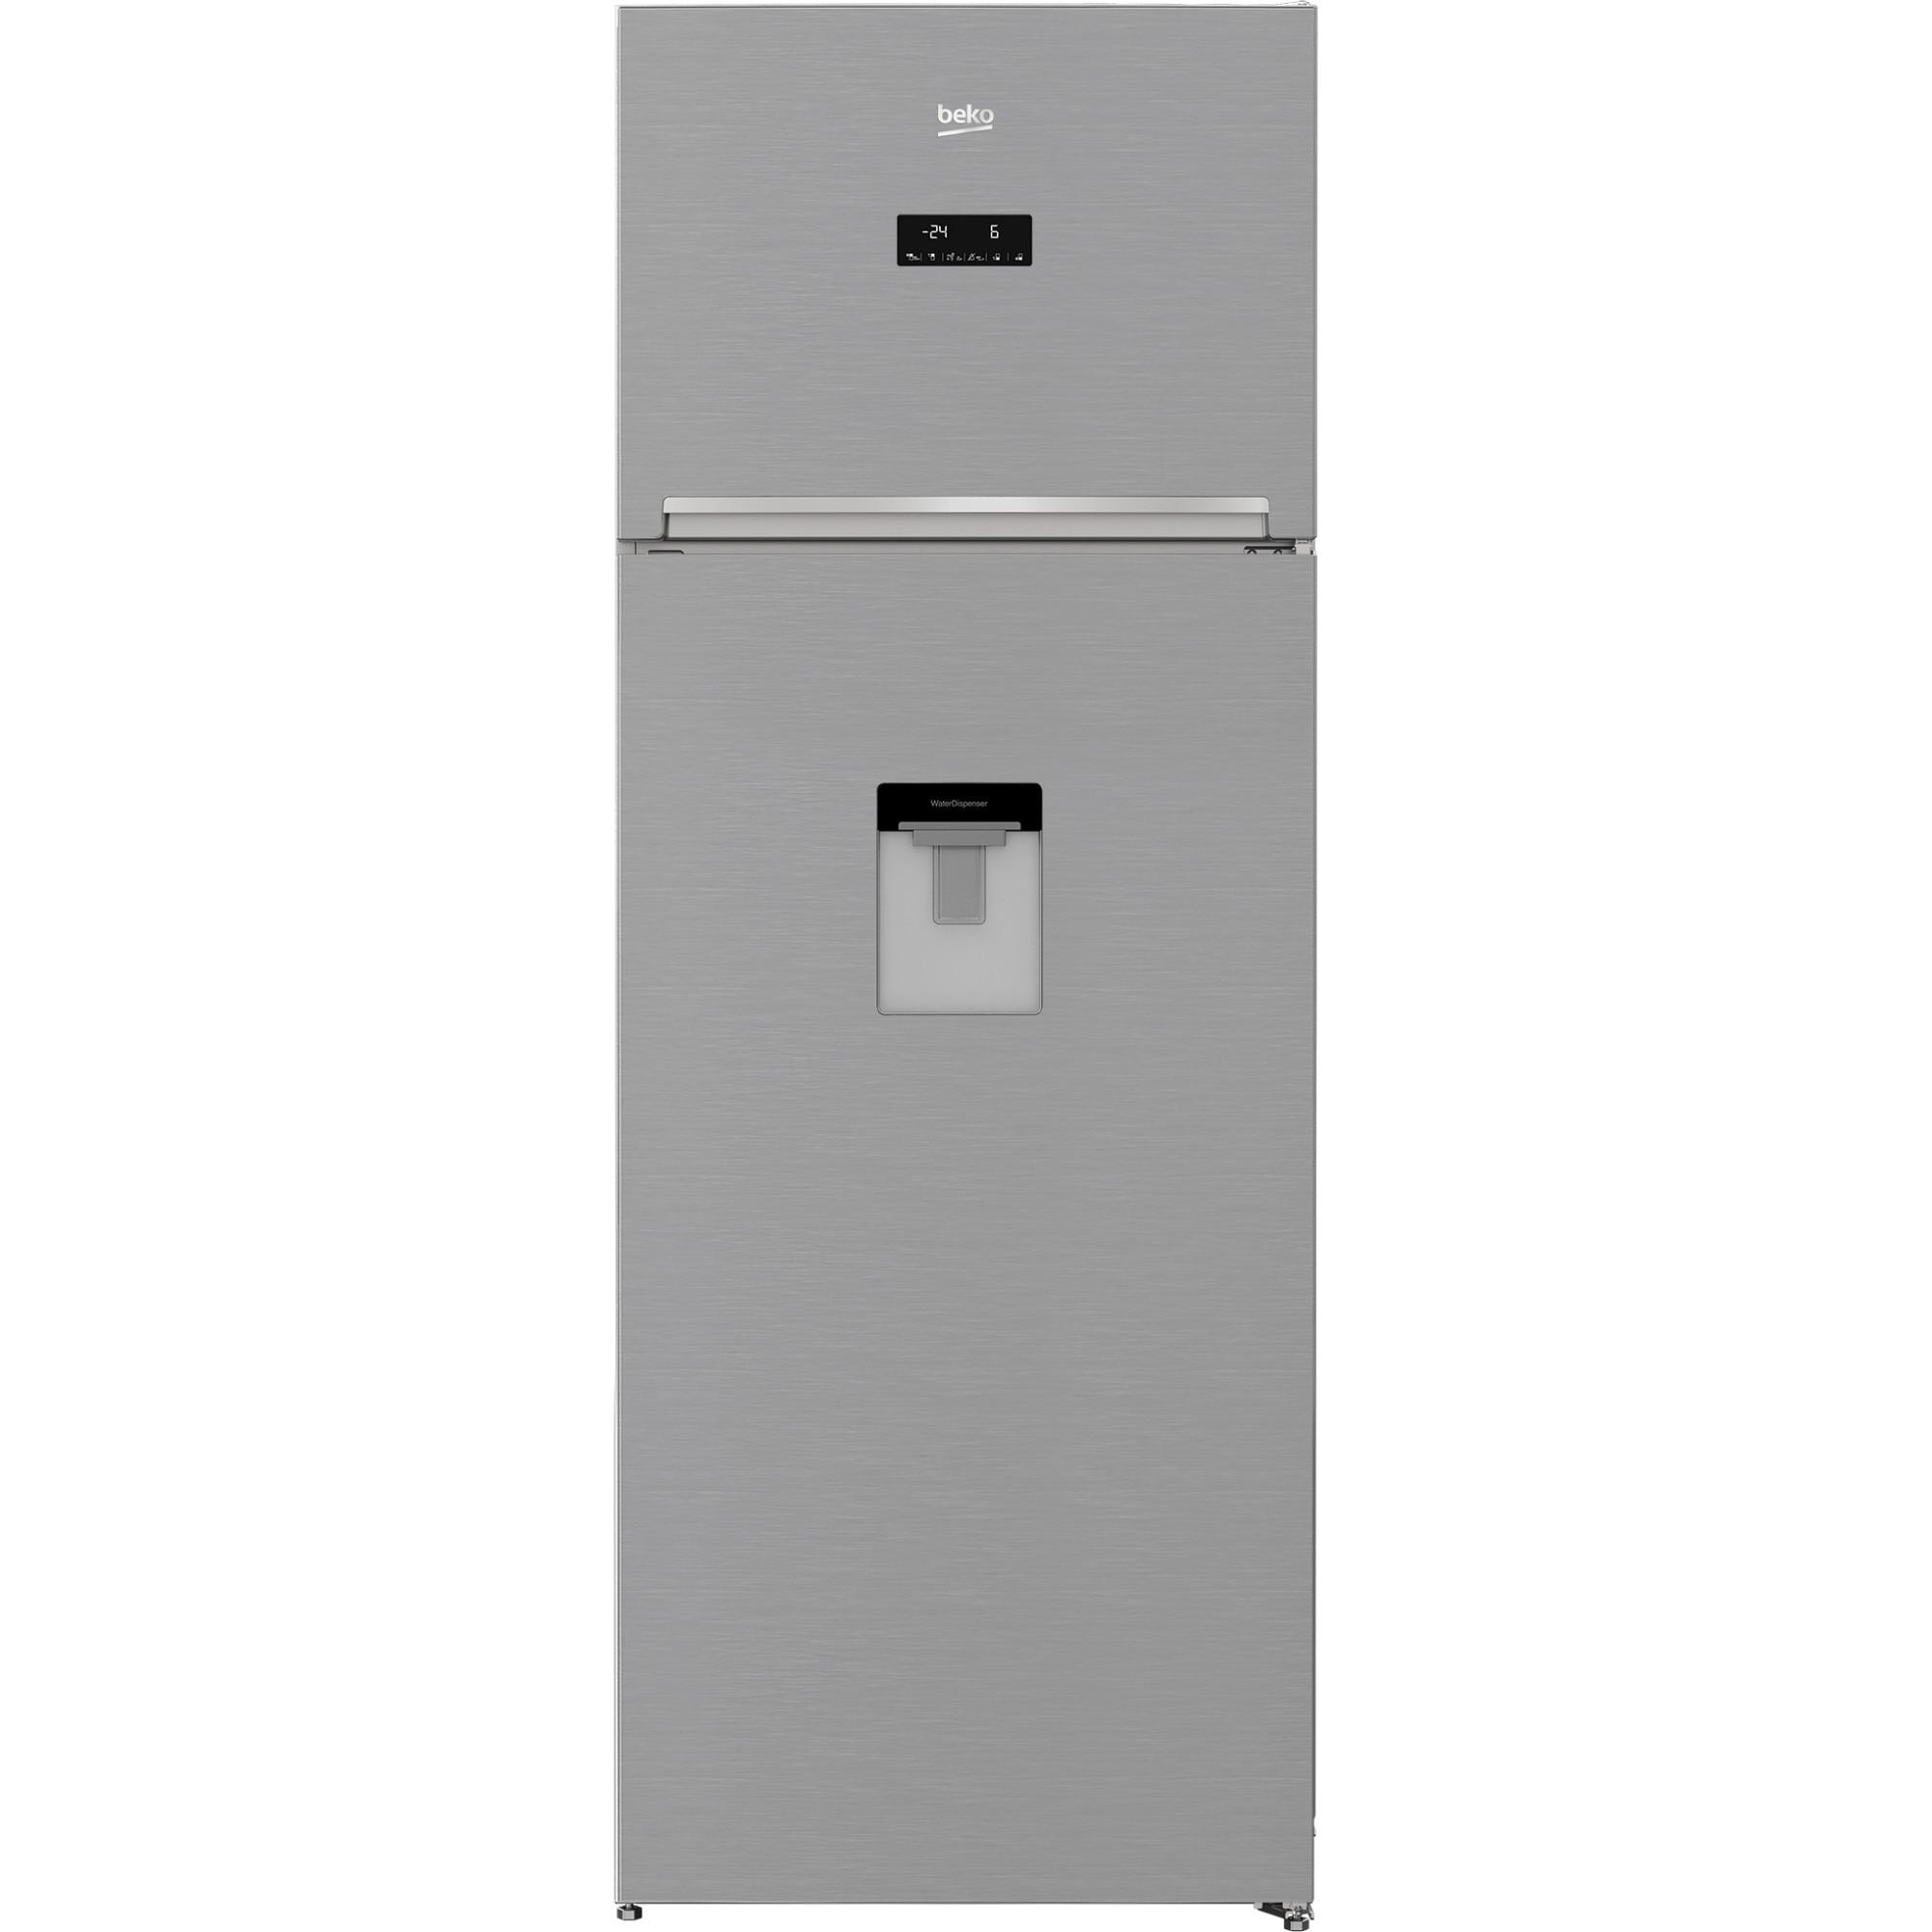 Fotografie Frigider cu doua usi Beko RDNE535E30DZXB, 471 litri, Clasa A++, Compartiment 0°C, Compresor ProSmart Inverter, Everfresh+, NeoFrost, 193 cm, Argintiu